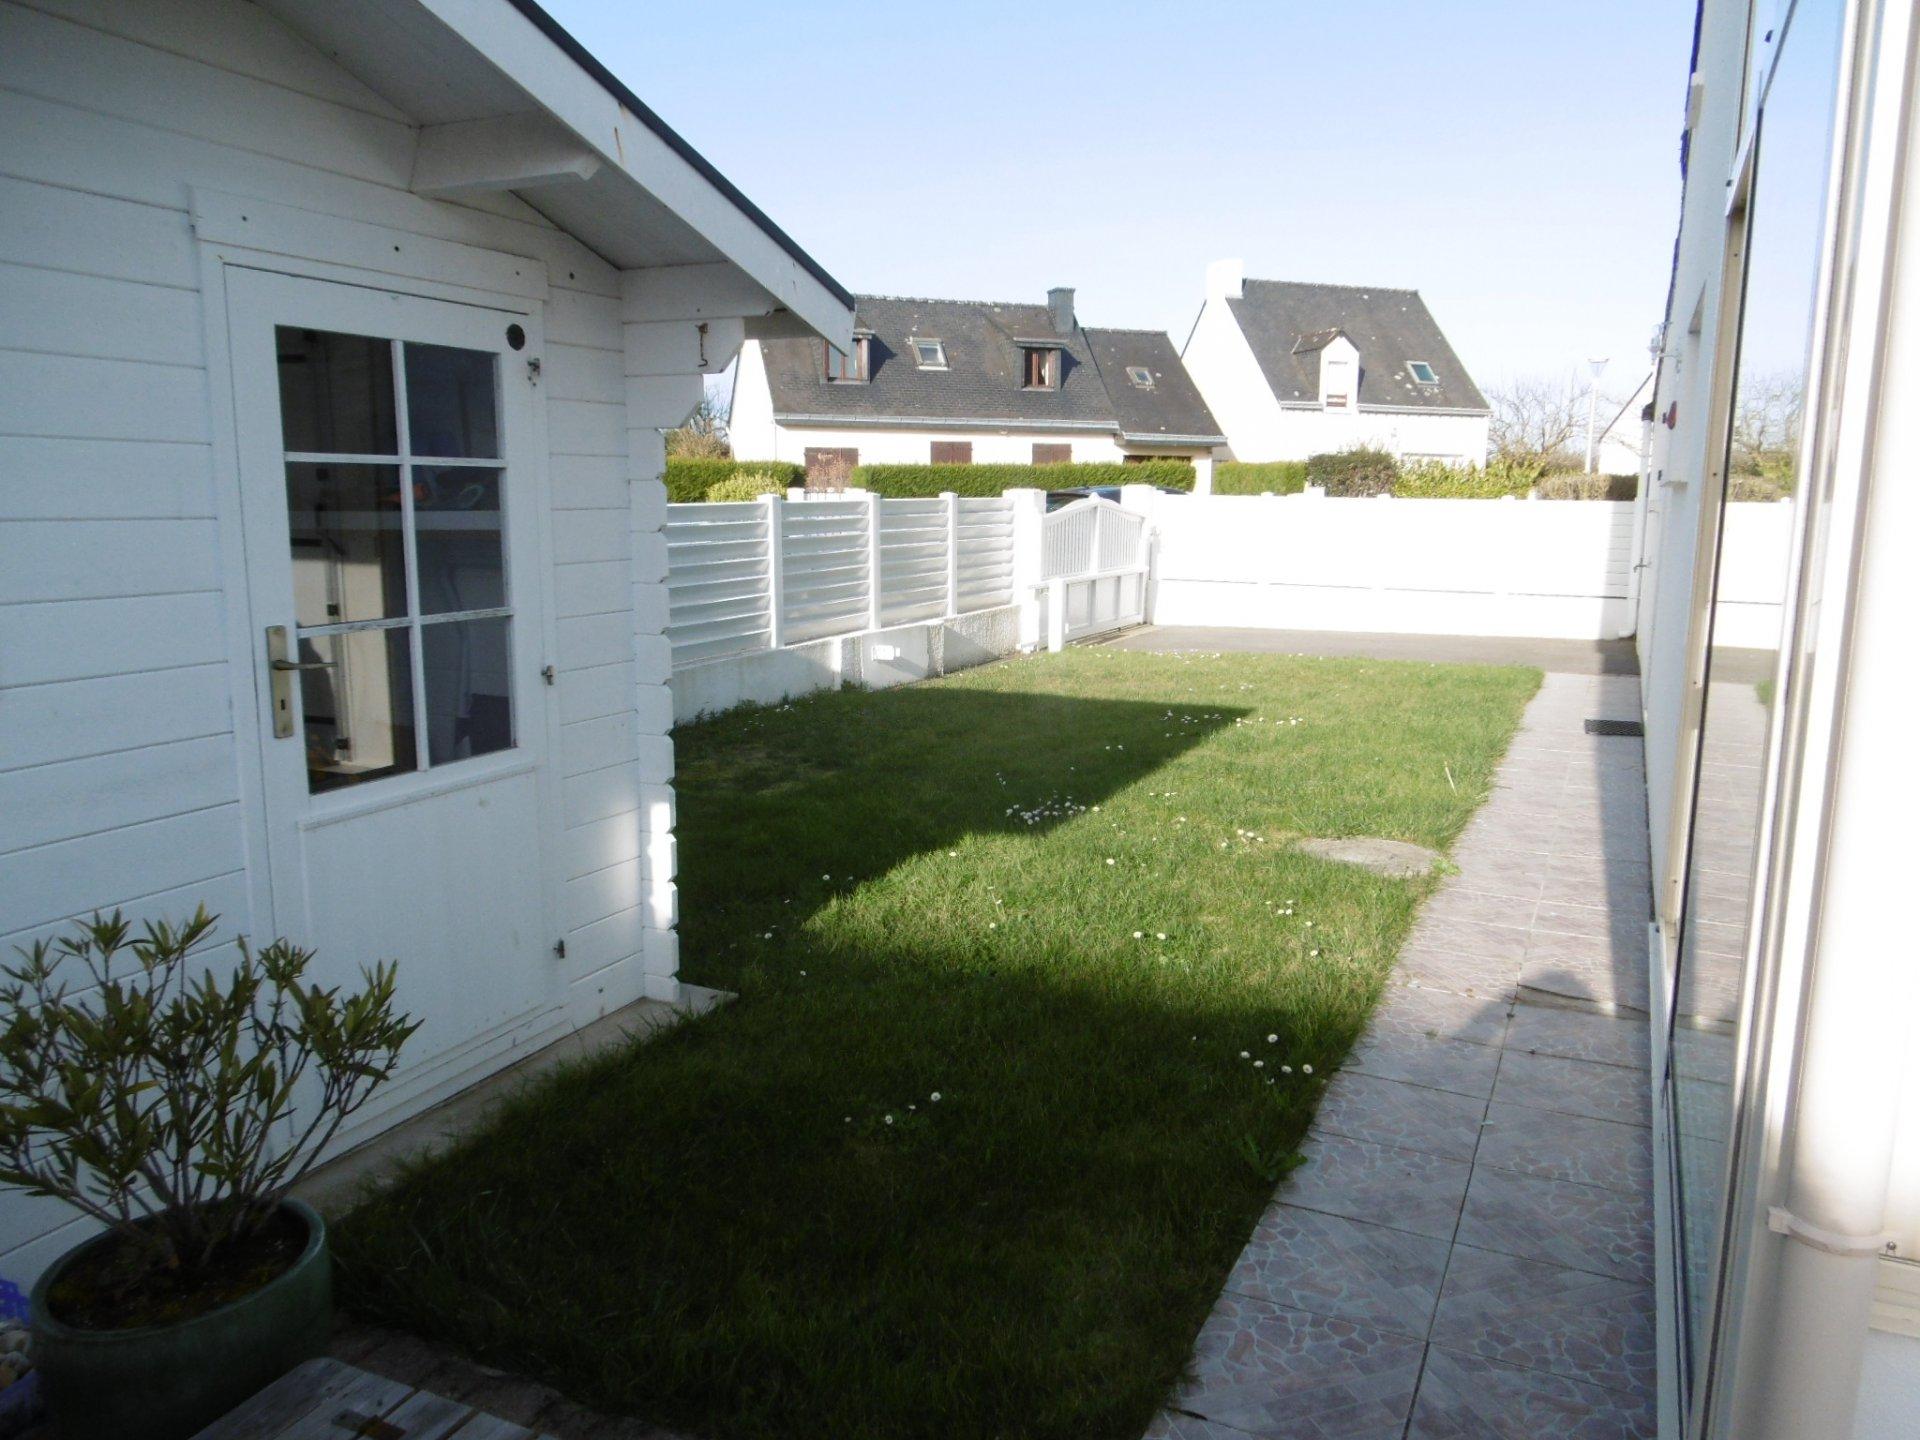 Maison à louer à Damgan Vers Kervoyal et plage à pied, agréable maison pour 6